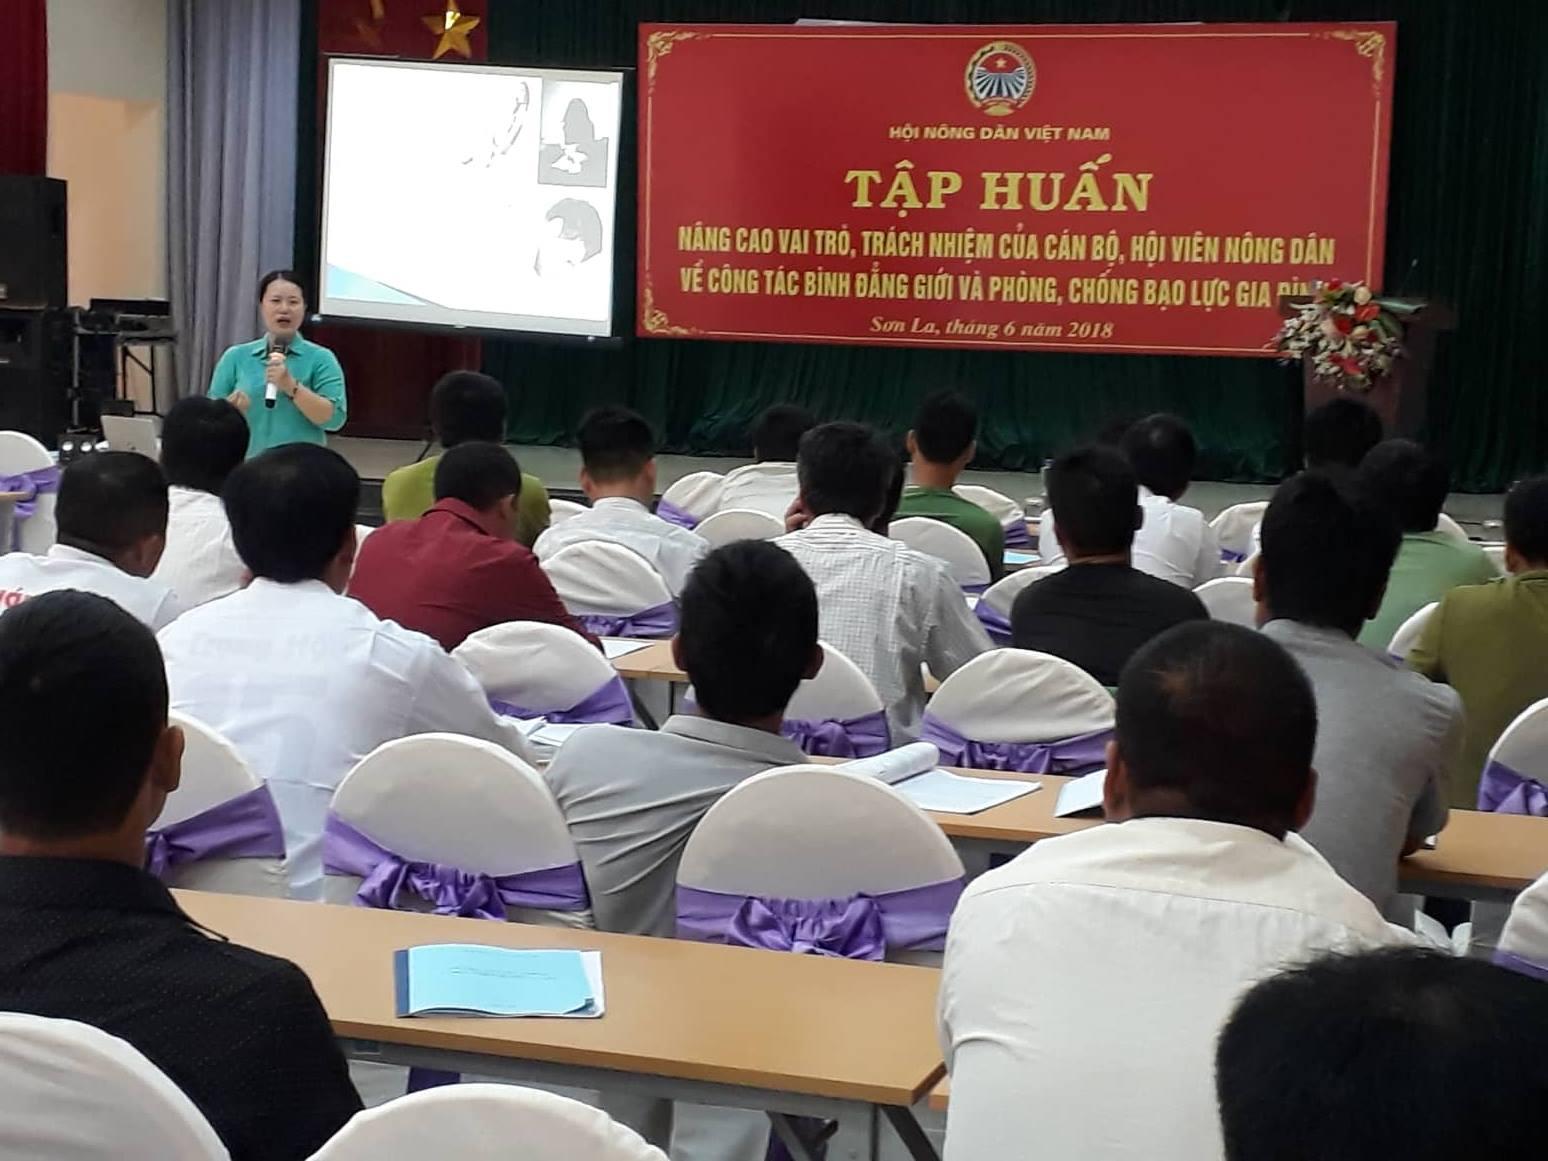 TW Hội NDVN: Tập huấn bình đẳng giới và phòng, chống bạo lực gia đình cho 1.260 hội viên, nông dân